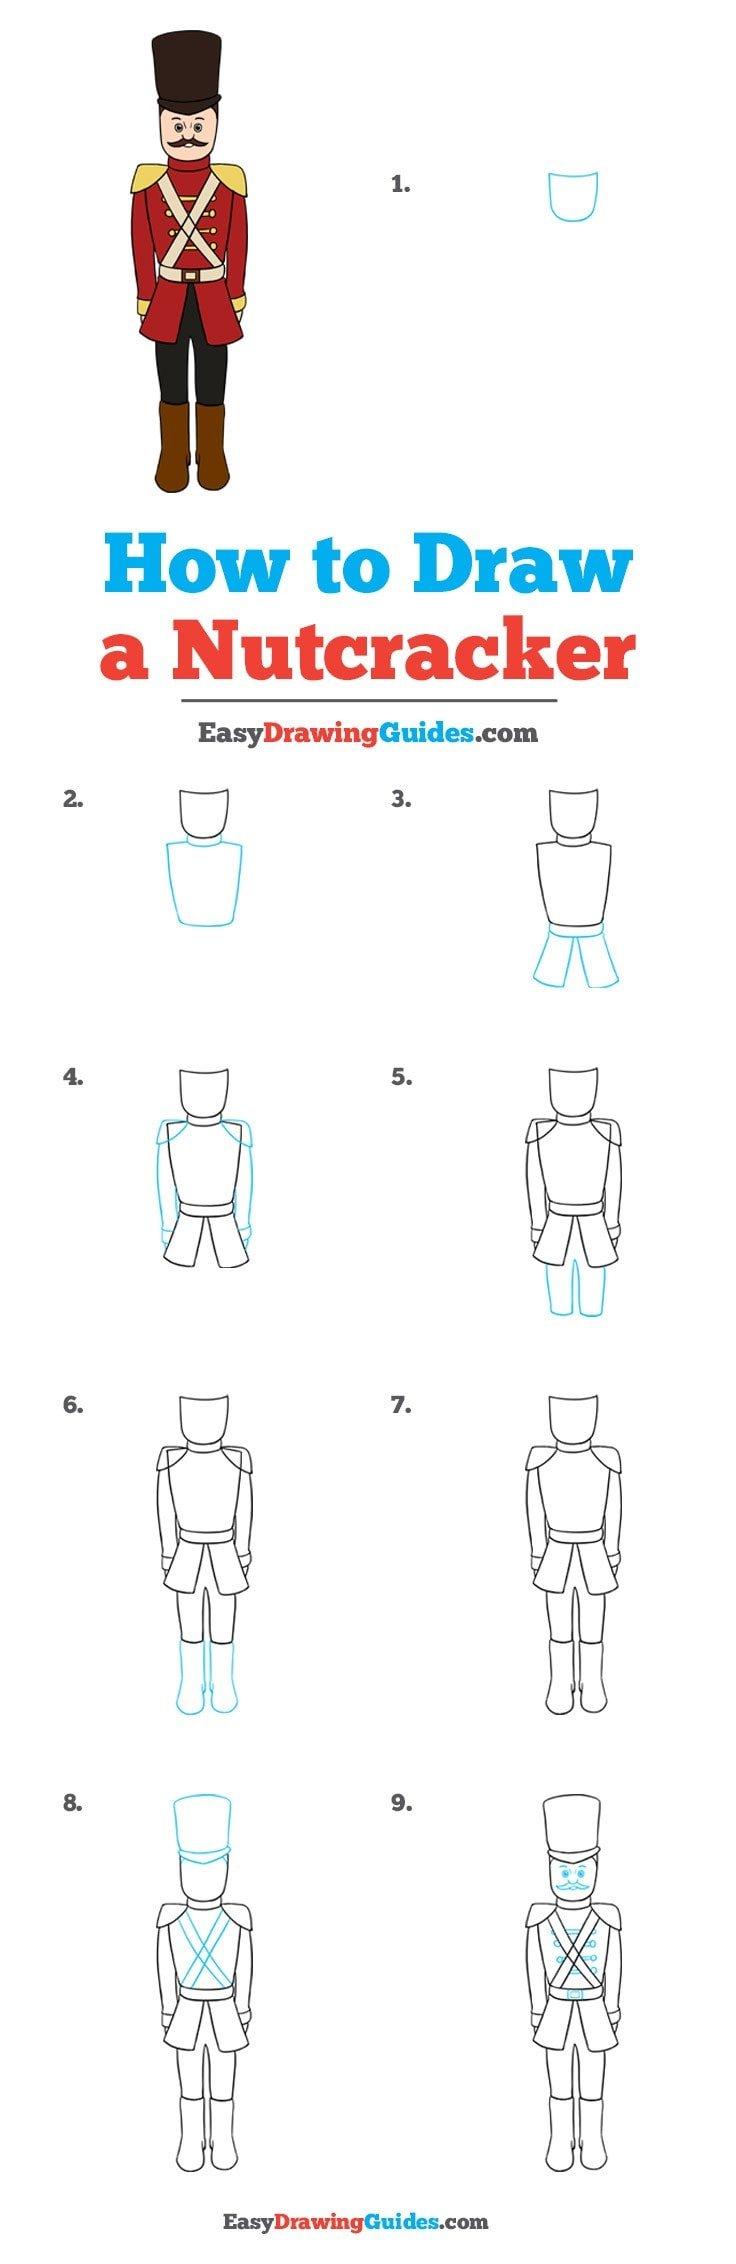 How to draw a nutcracker step by step tutorial